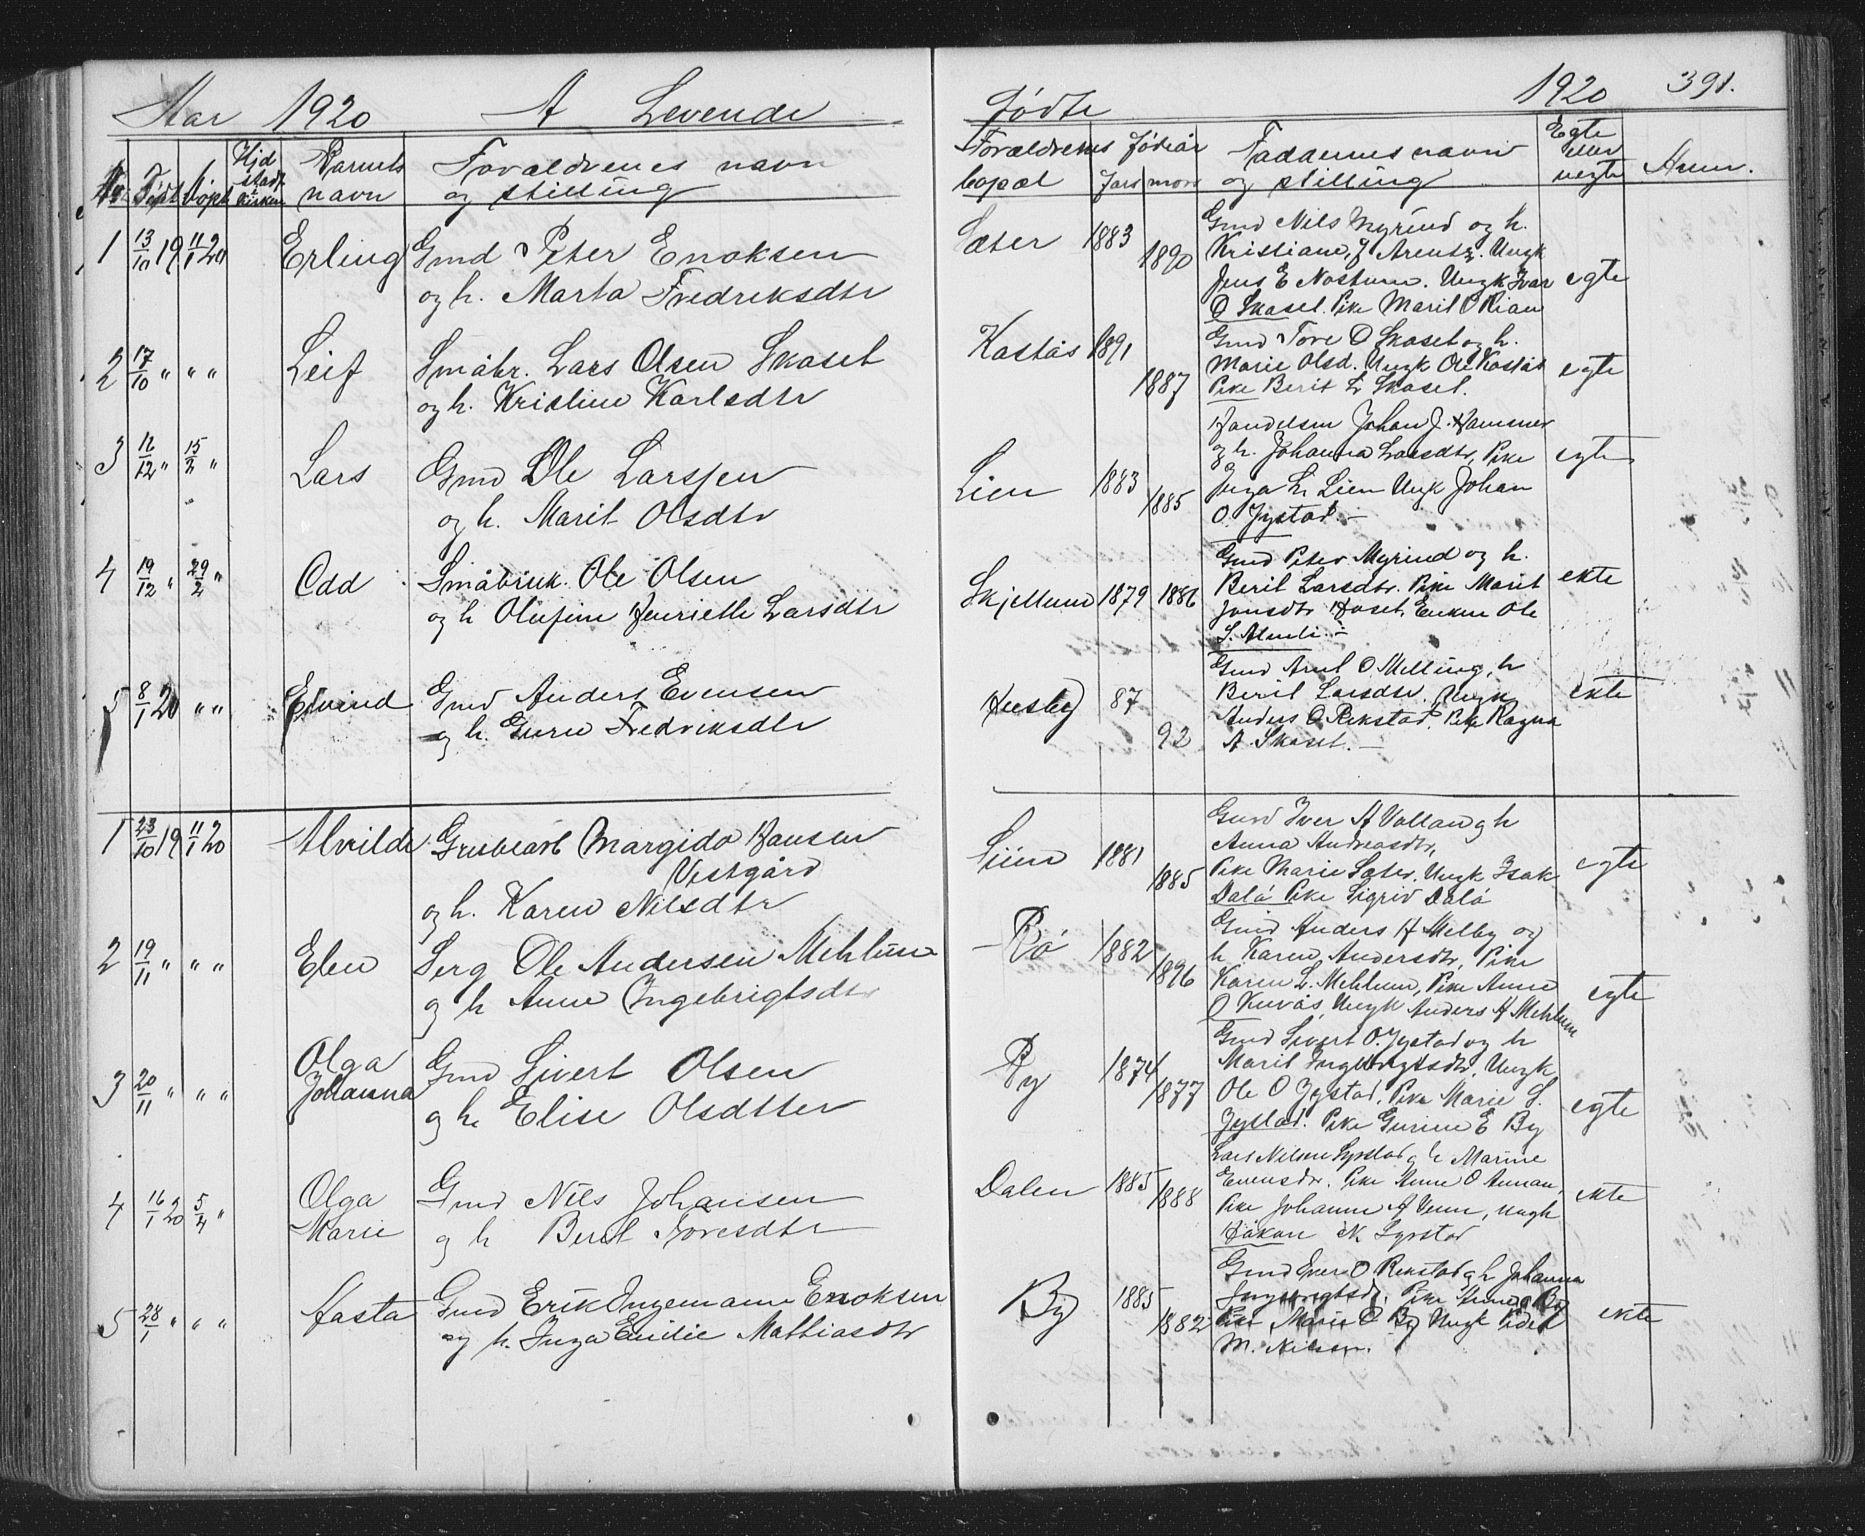 SAT, Ministerialprotokoller, klokkerbøker og fødselsregistre - Sør-Trøndelag, 667/L0798: Klokkerbok nr. 667C03, 1867-1929, s. 391